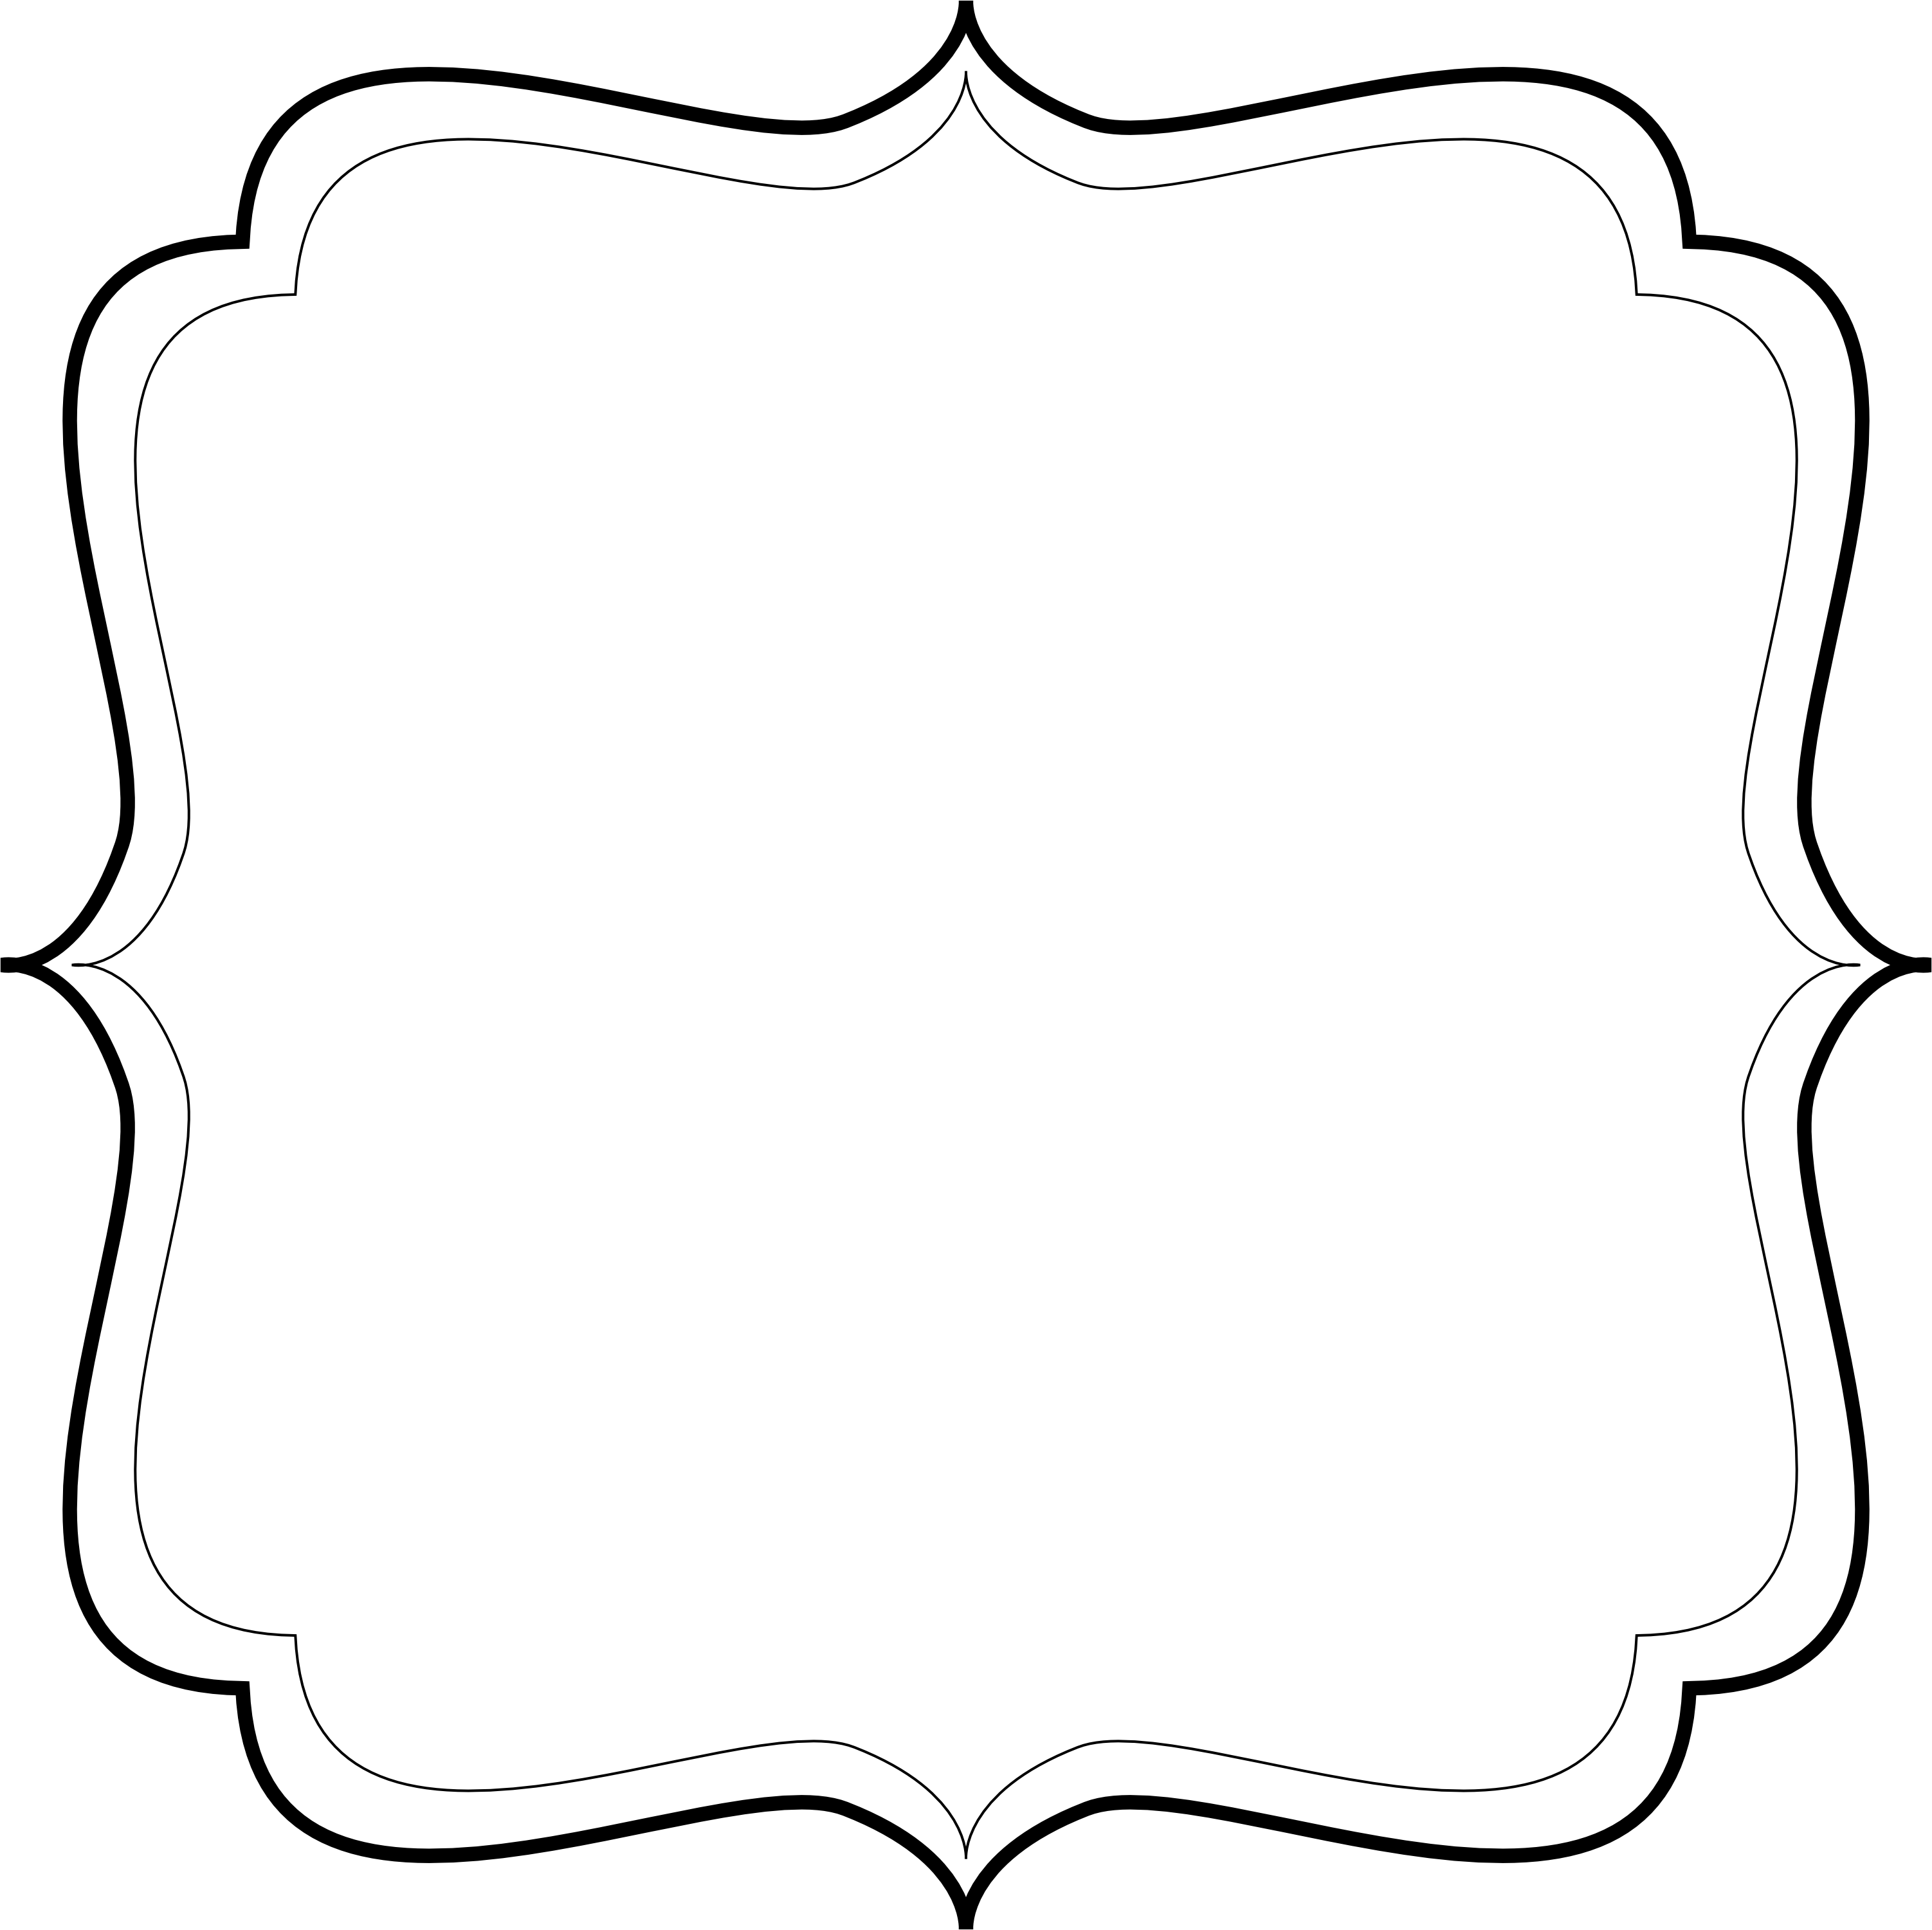 labels transparent - Isken kaptanband co